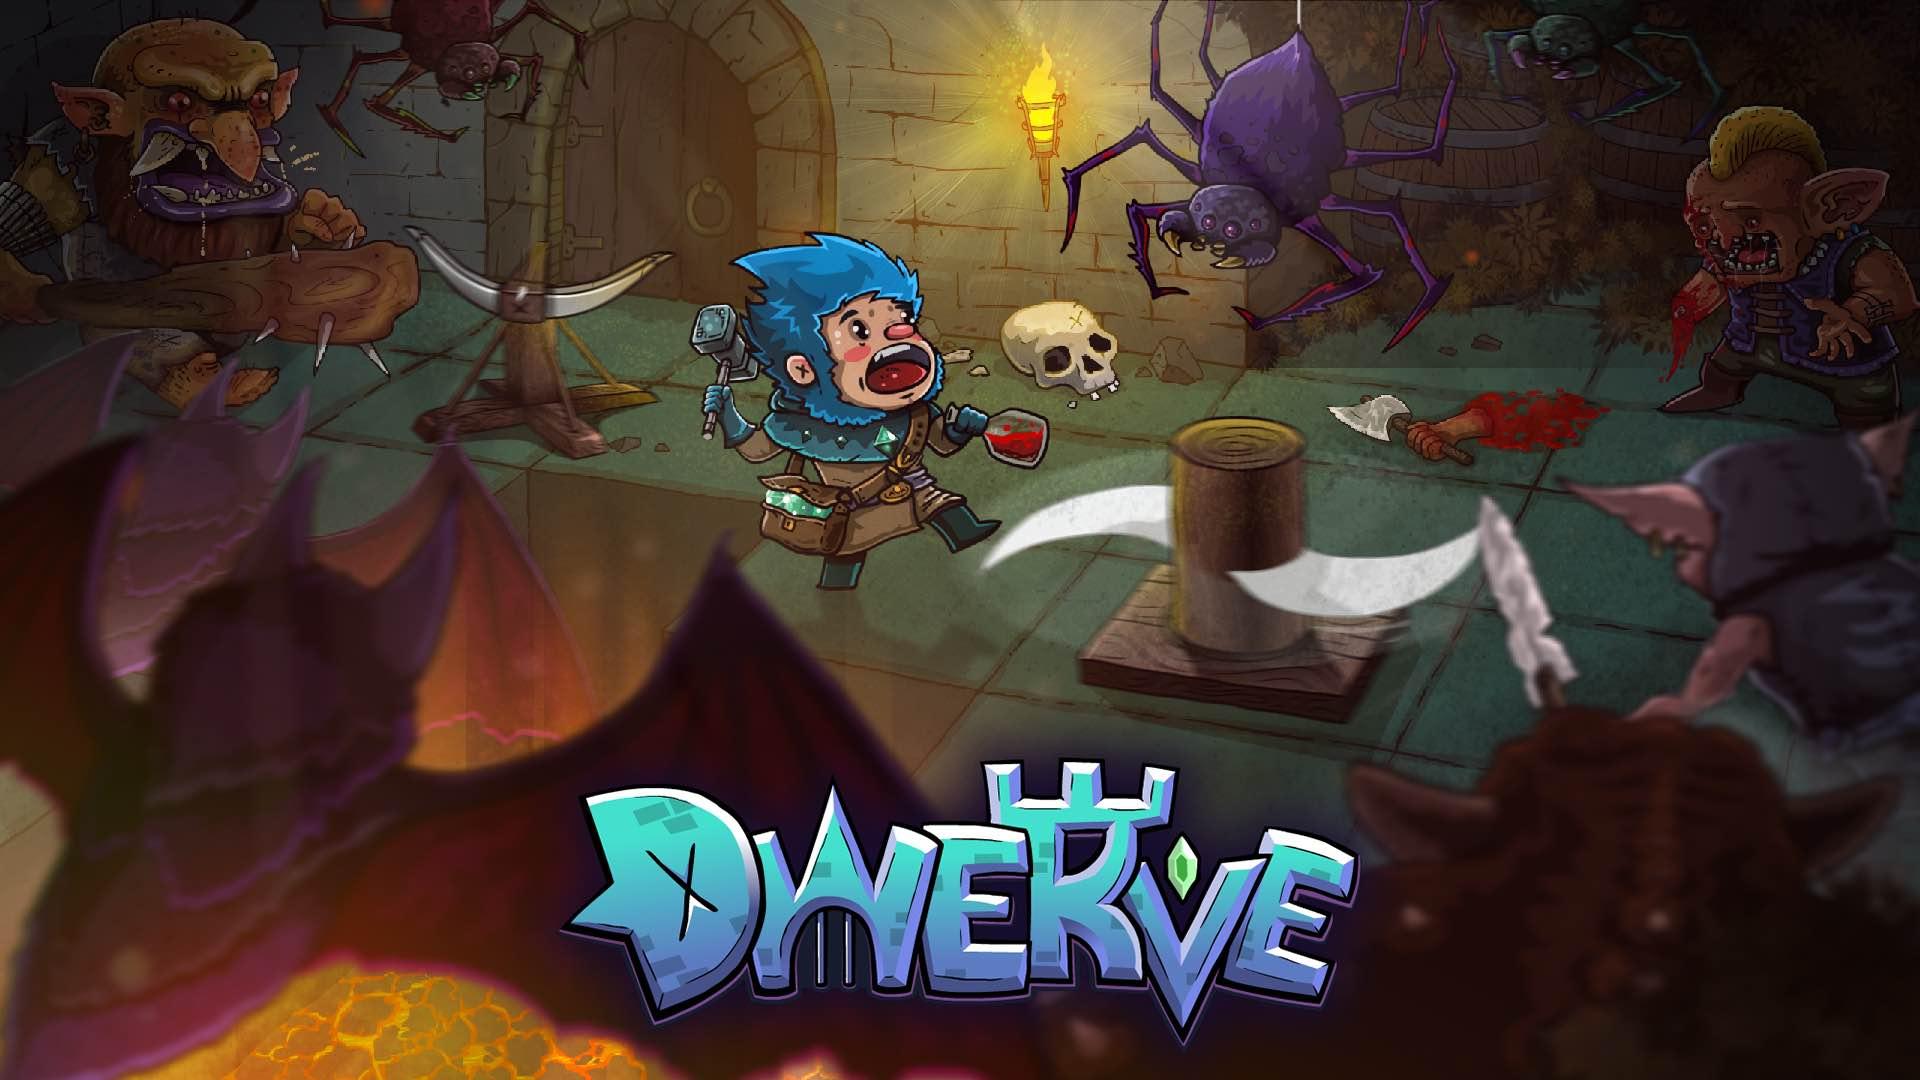 dwerve-by-half-human-games